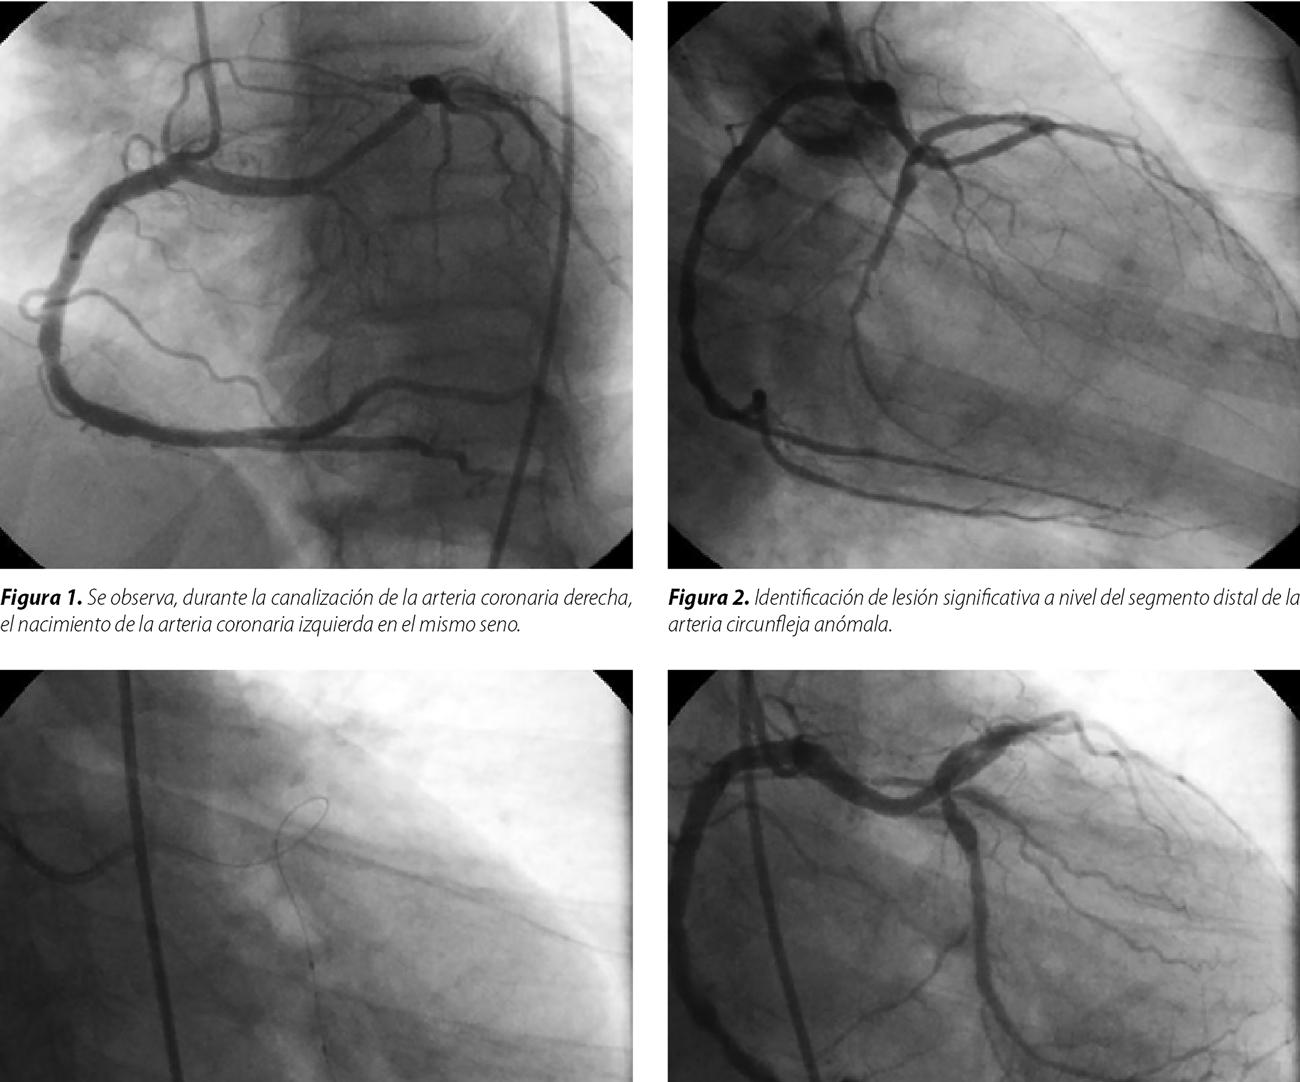 Angioplastia coronaria de arteria circunfleja con arteria coronaria izquierda anómala y nacimiento desde el seno de Valsalva derecho. Reporte de un caso